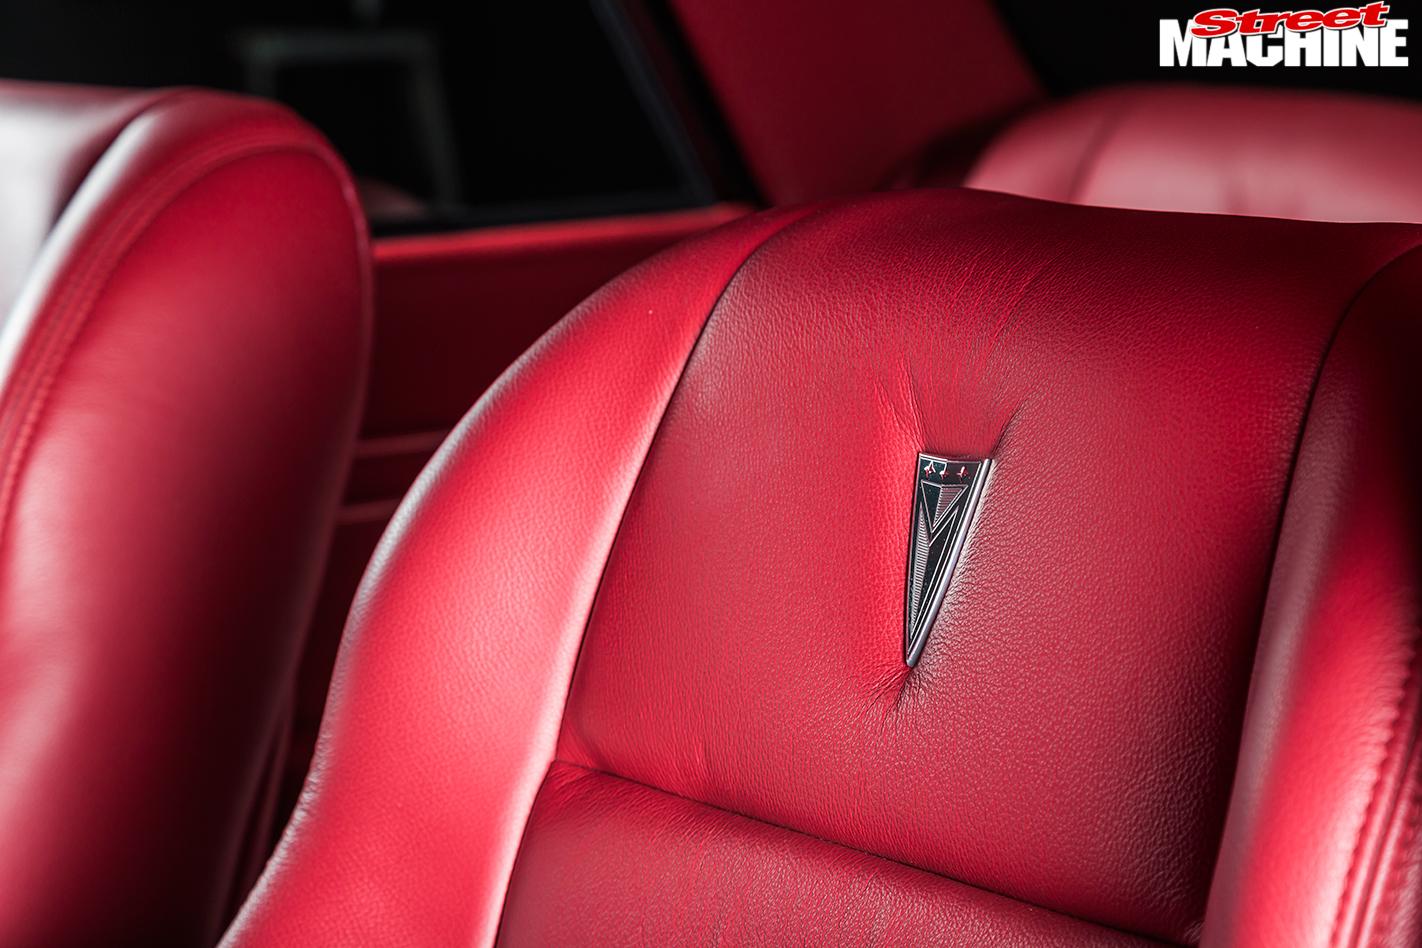 Pontiac -Laurentian -interior -seat -detail